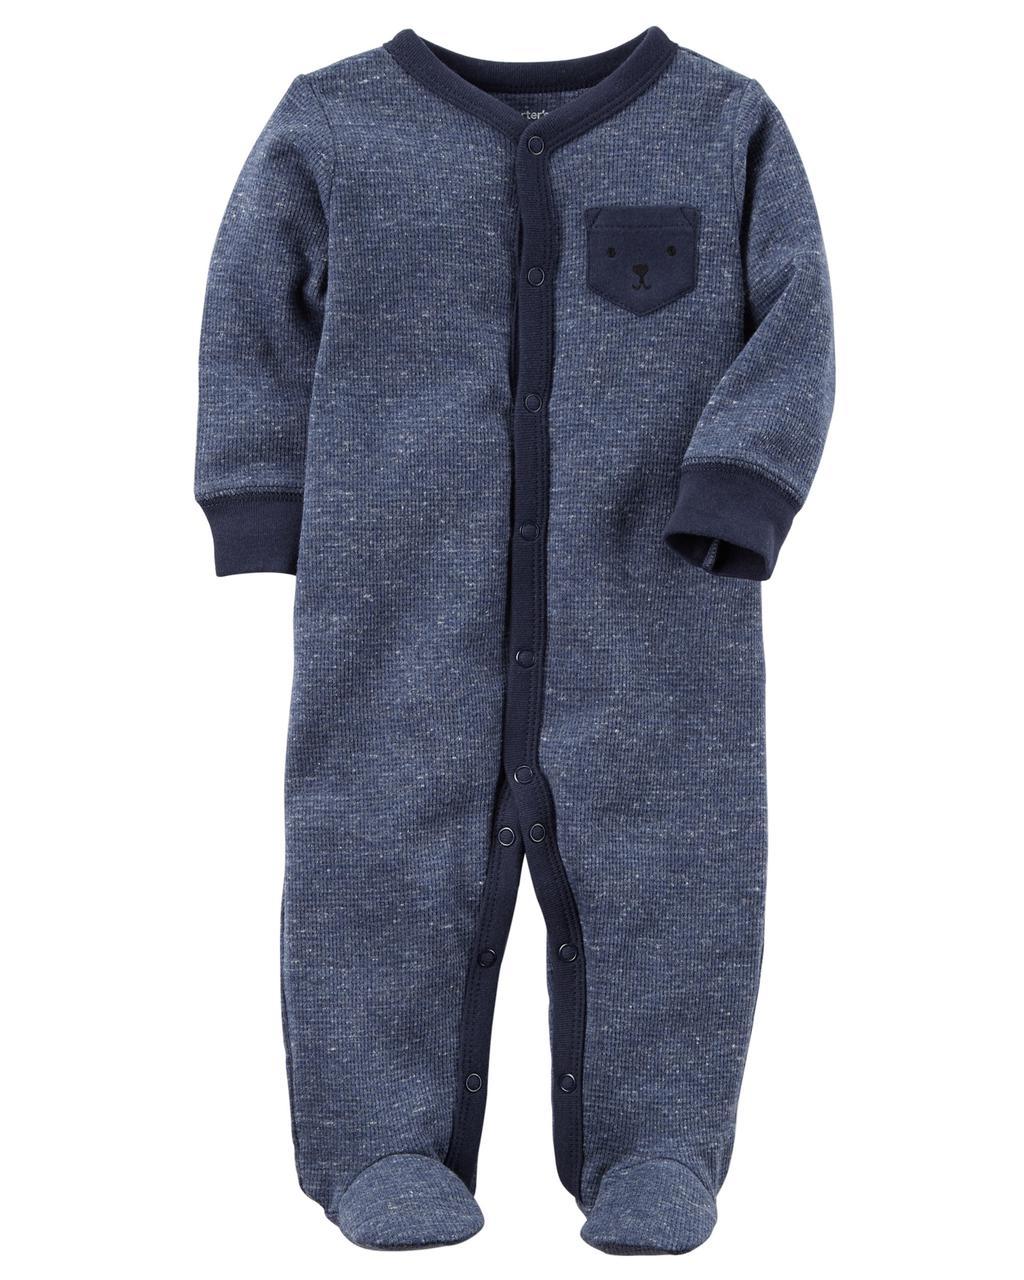 Человечек хлопковый теплый Carters для новорожденного мальчика до 55 см